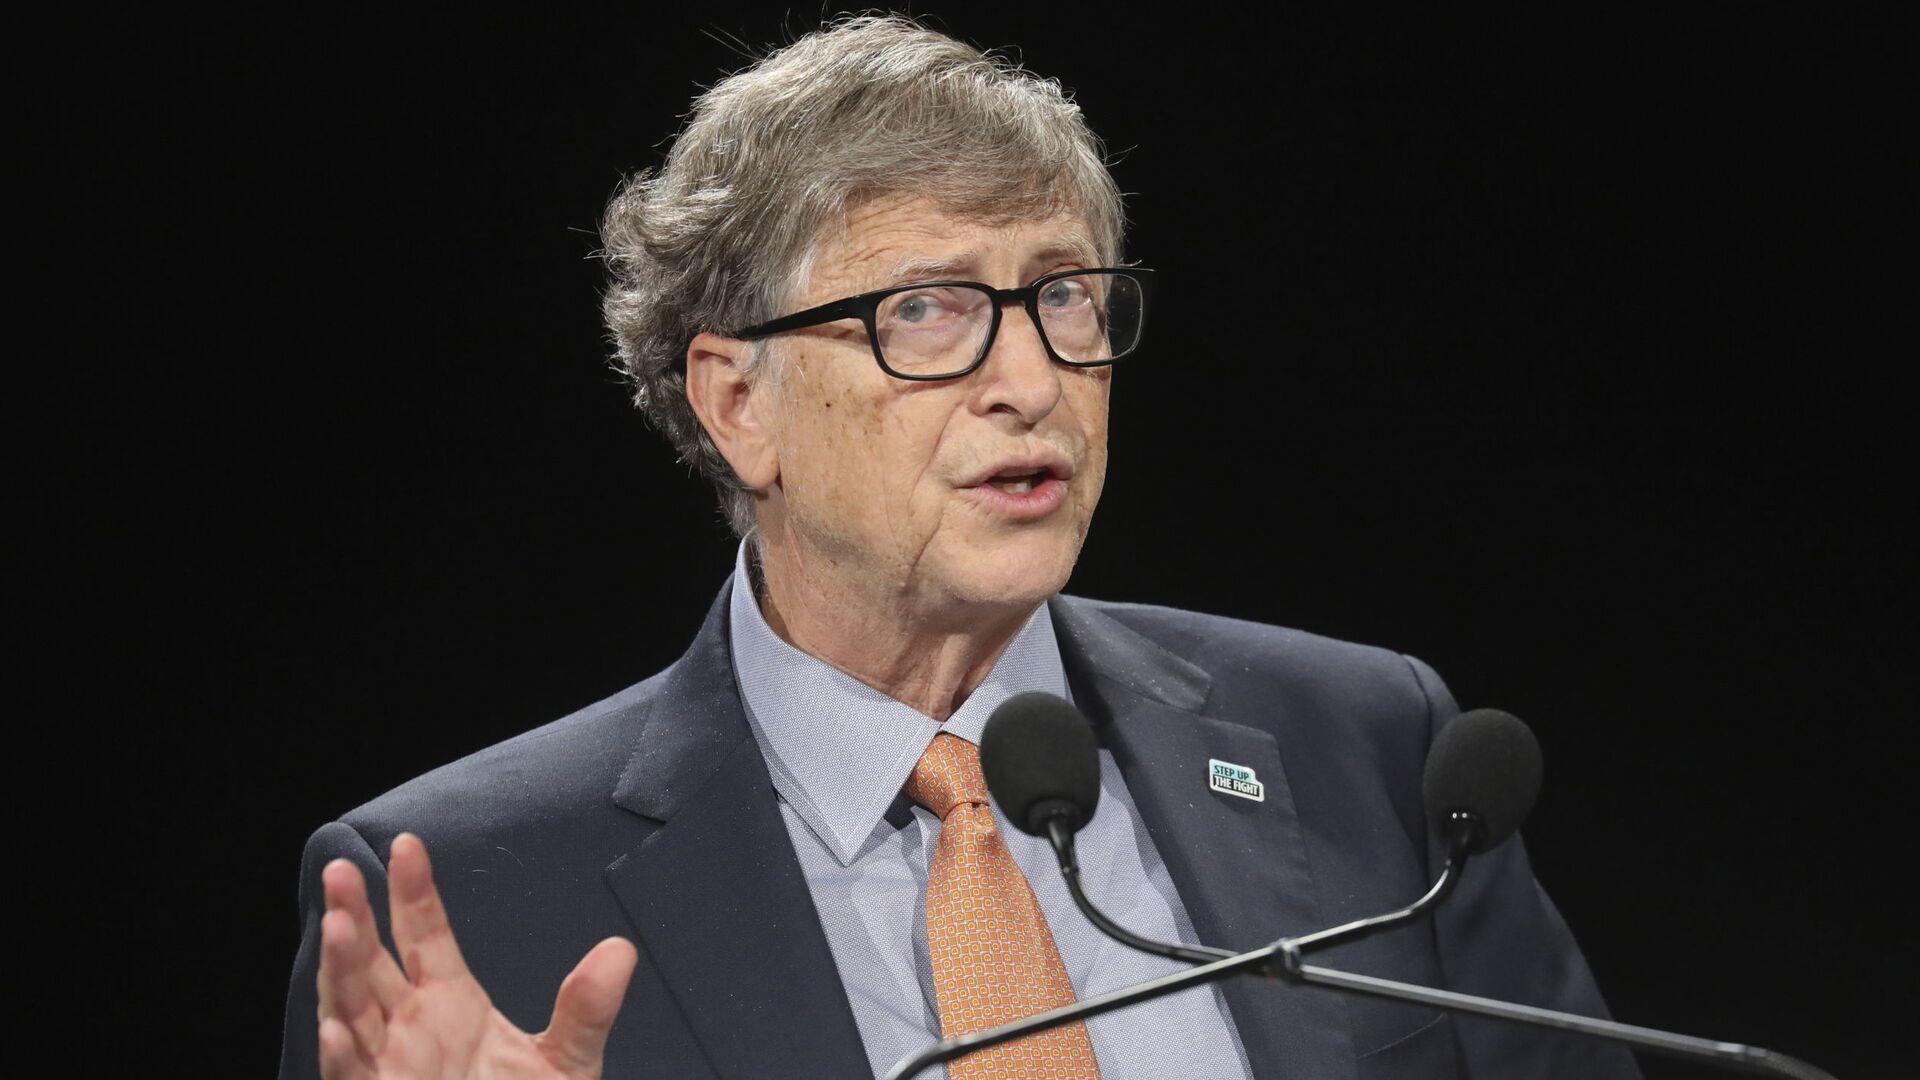 Bill Gates, multimillonario y filántropo estadounidense - Sputnik Mundo, 1920, 24.04.2021